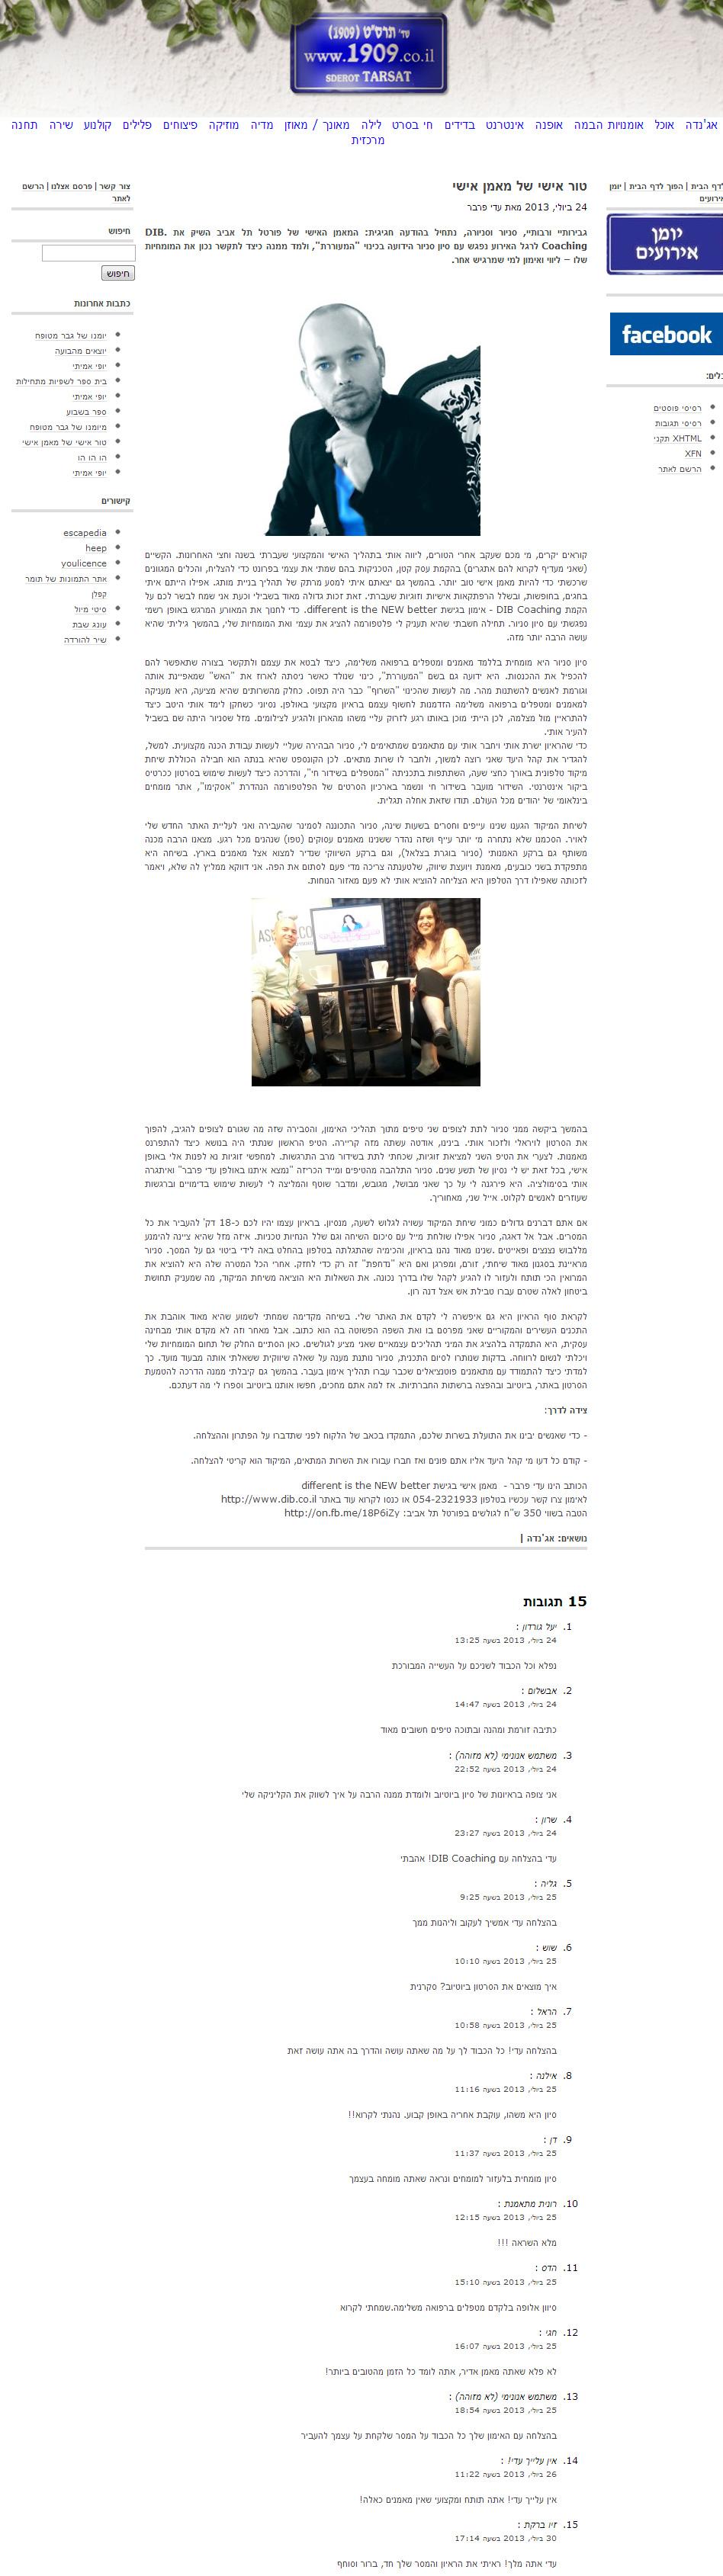 טור אישי של מאמן אישי כפי שפורסם בפורטל תל אביב בתאריך 24 ביולי, 2013